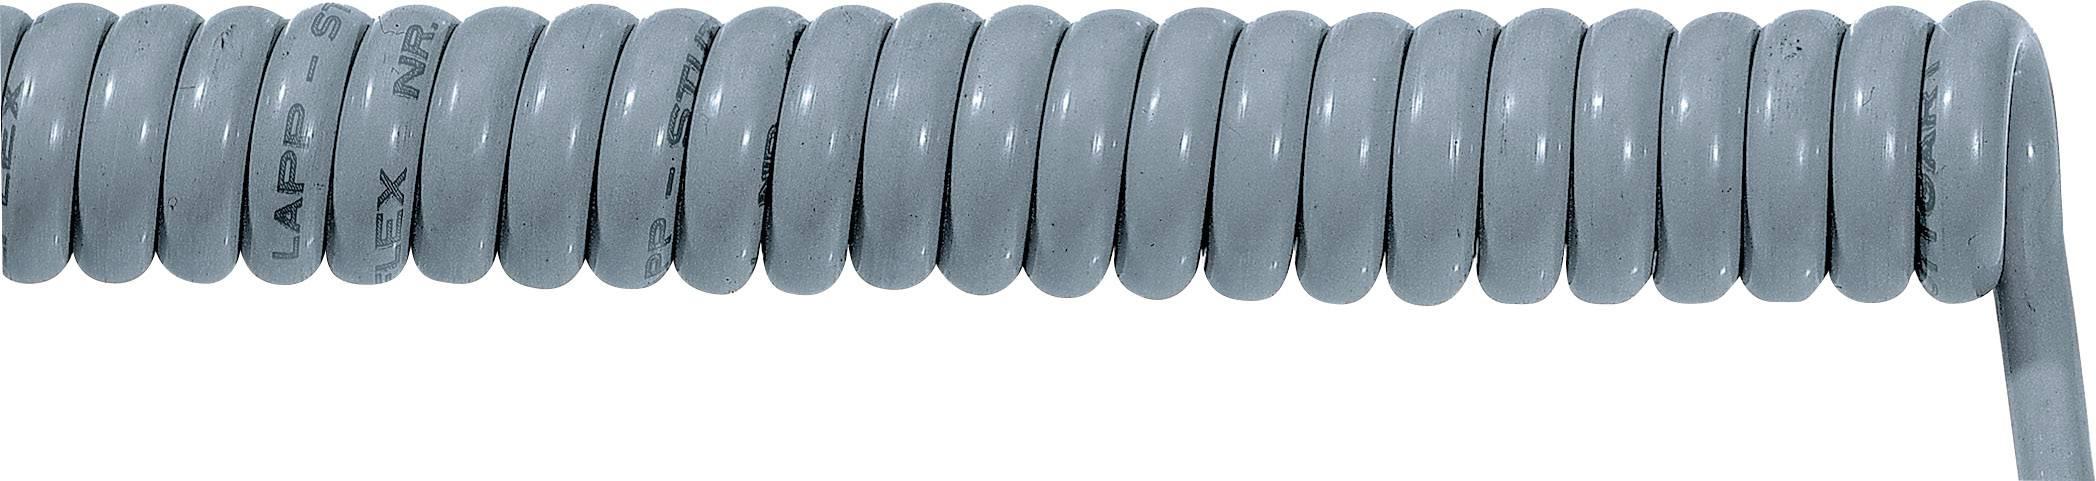 Špirálový kábel 70002653 ÖLFLEX® SPIRAL 400 P 3 x 1 mm², 1500 mm / 4500 mm, sivá